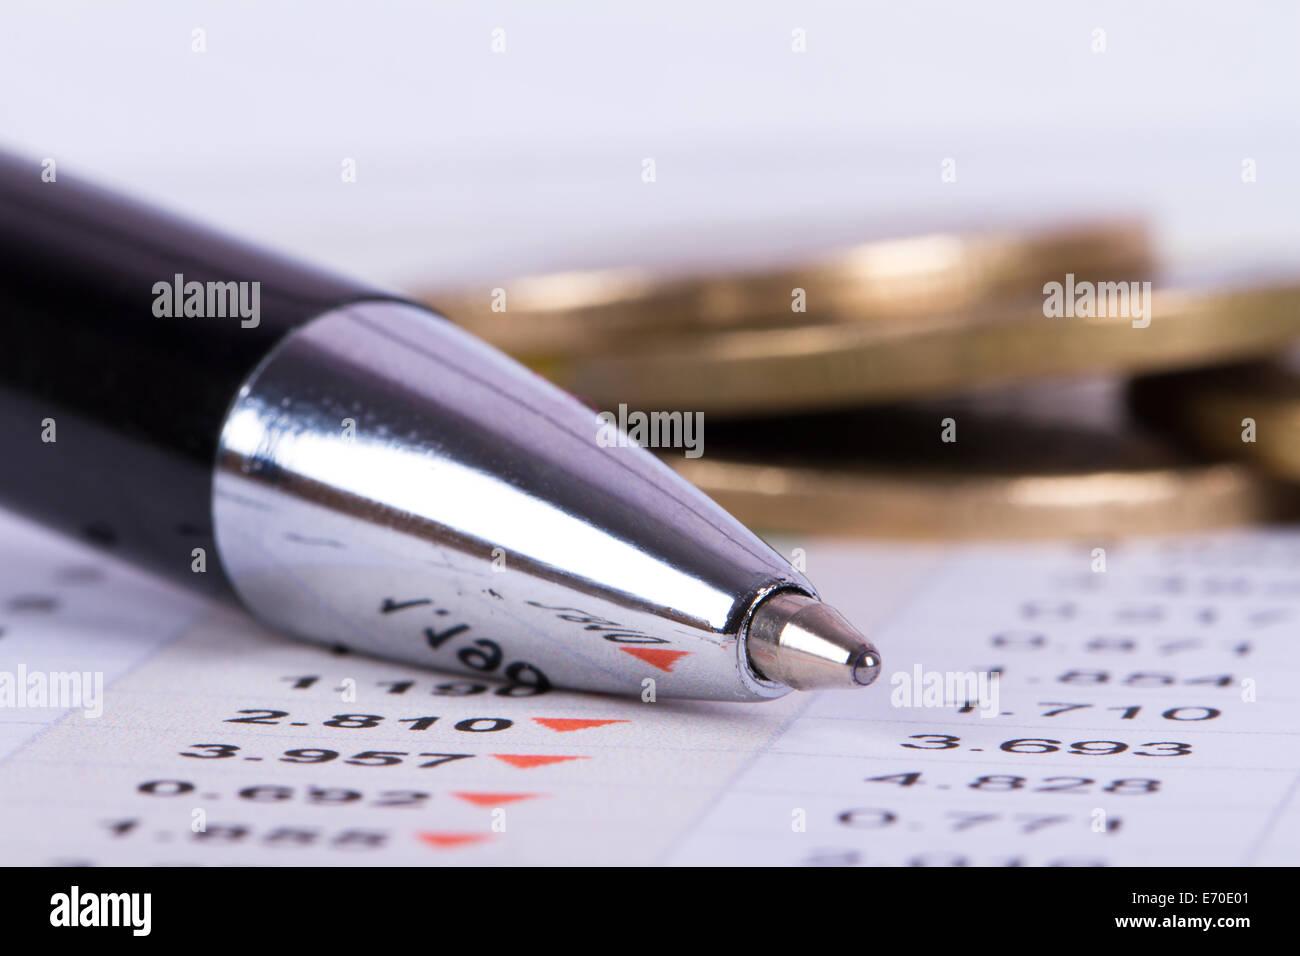 Nahaufnahme der Stift auf der Analyse von Finanzdaten und Münzen hinter. Stockbild